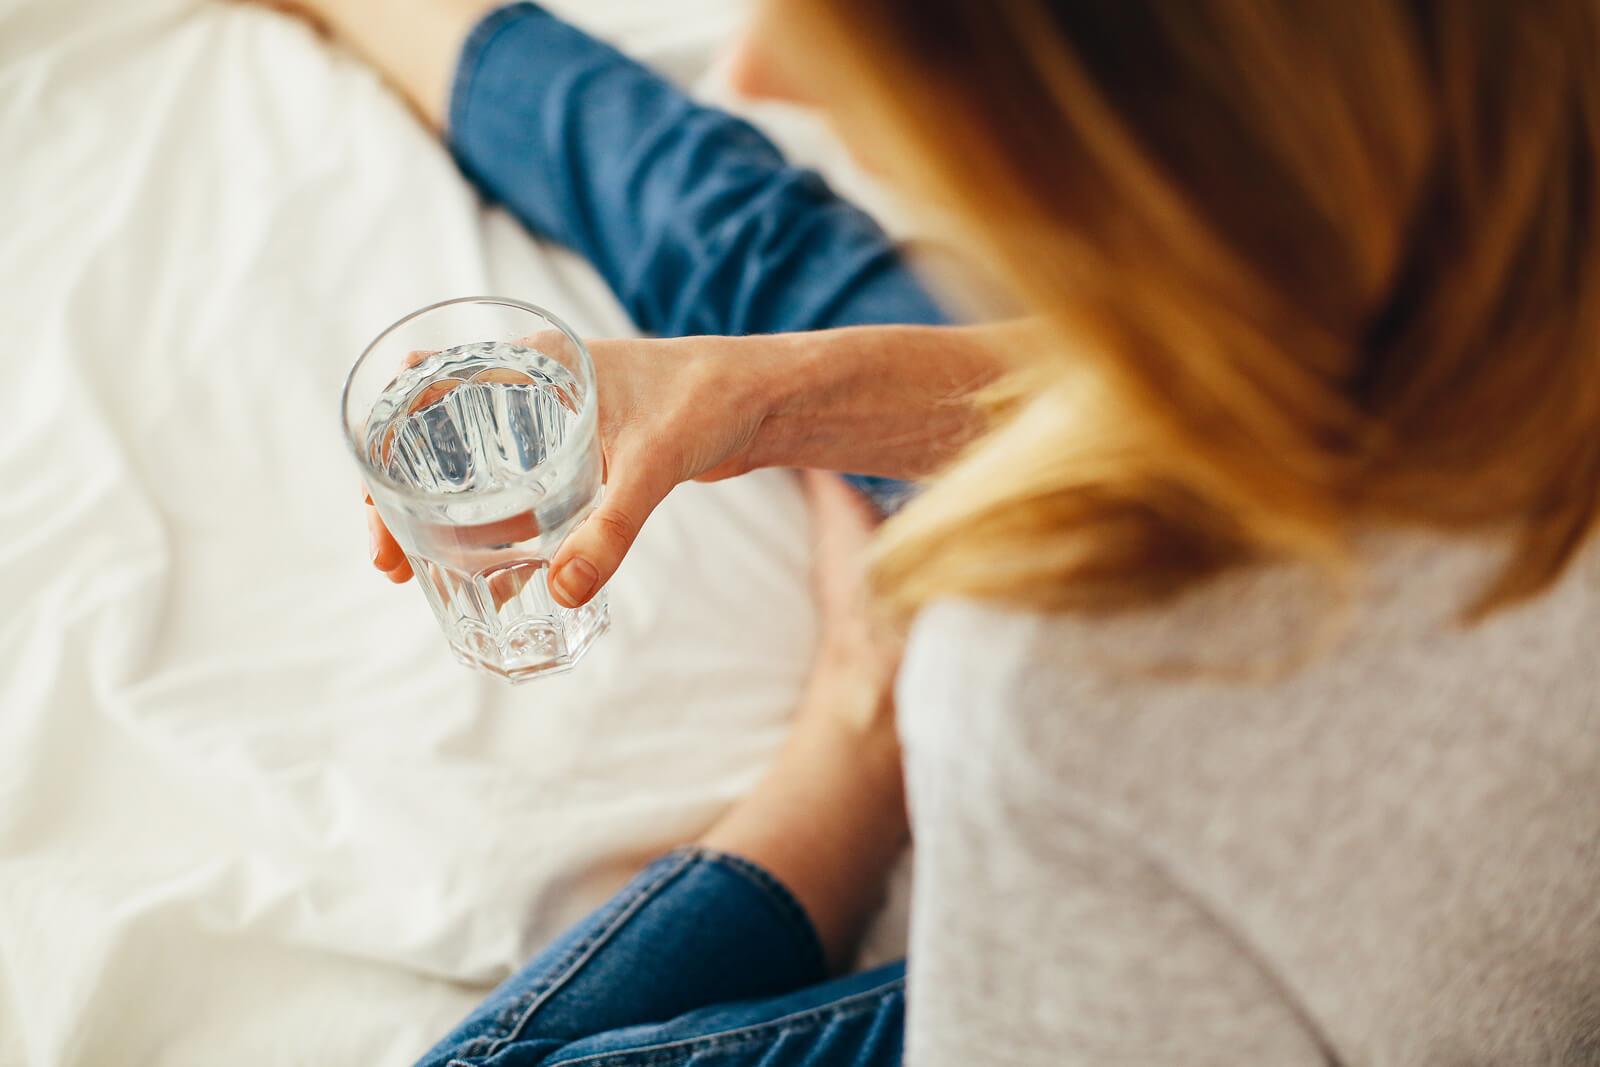 Zmanjševanje tveganega in škodljivega pitja alkohola